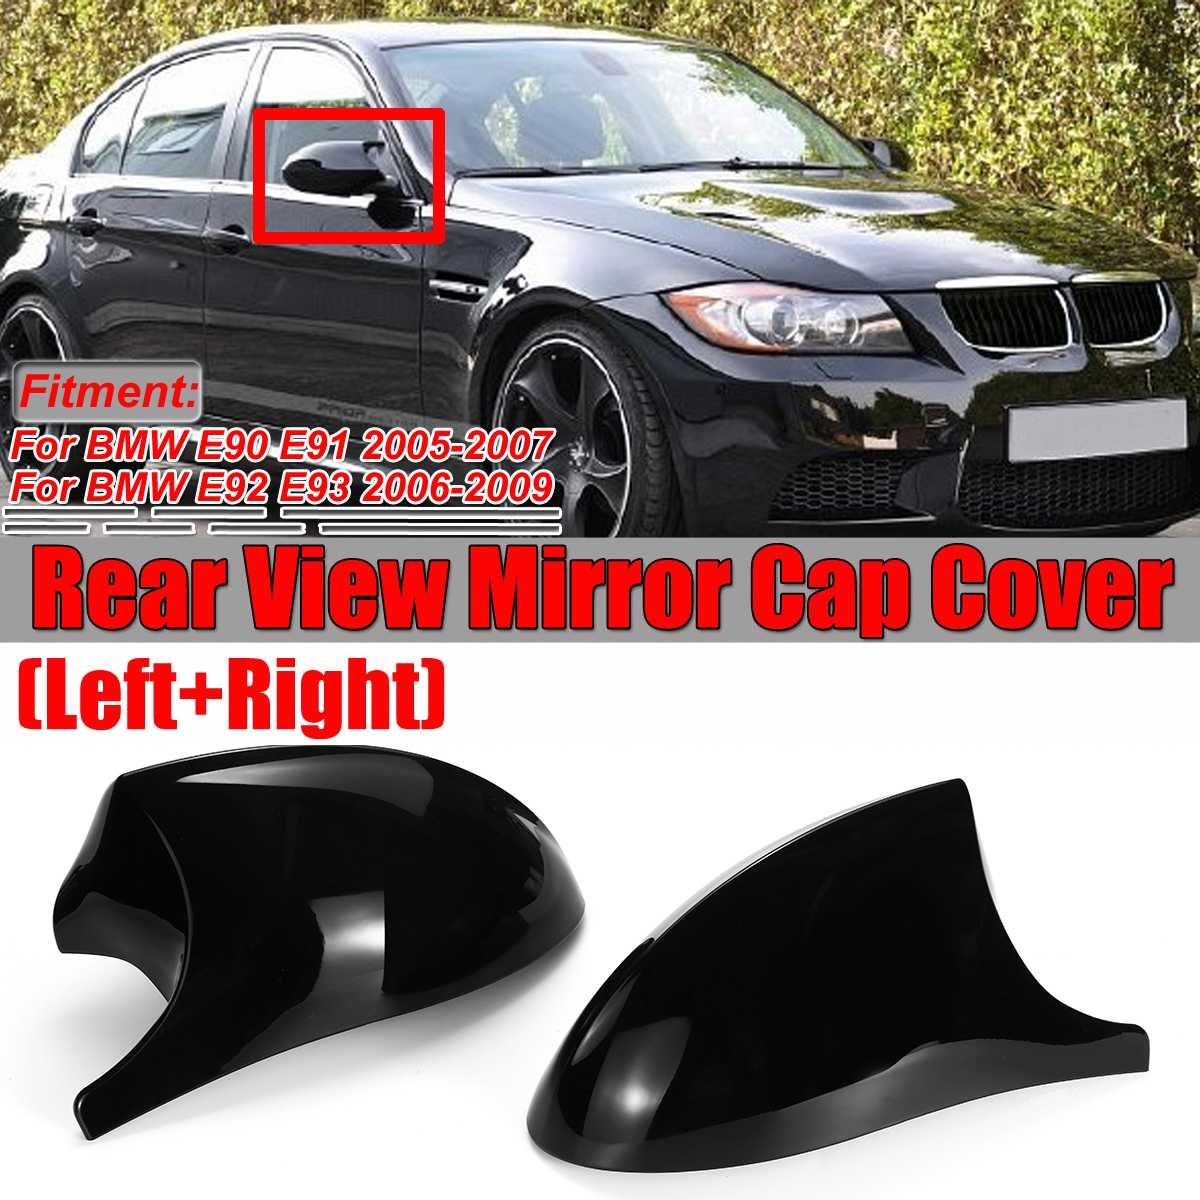 2x Real Carbon Fiber/ABS Spiegel Abdeckung E90 Auto Seite Rück Seite Spiegel Abdeckung Cap Für BMW E90 E91 e92 E93 M3 Stil E80 E81 E87